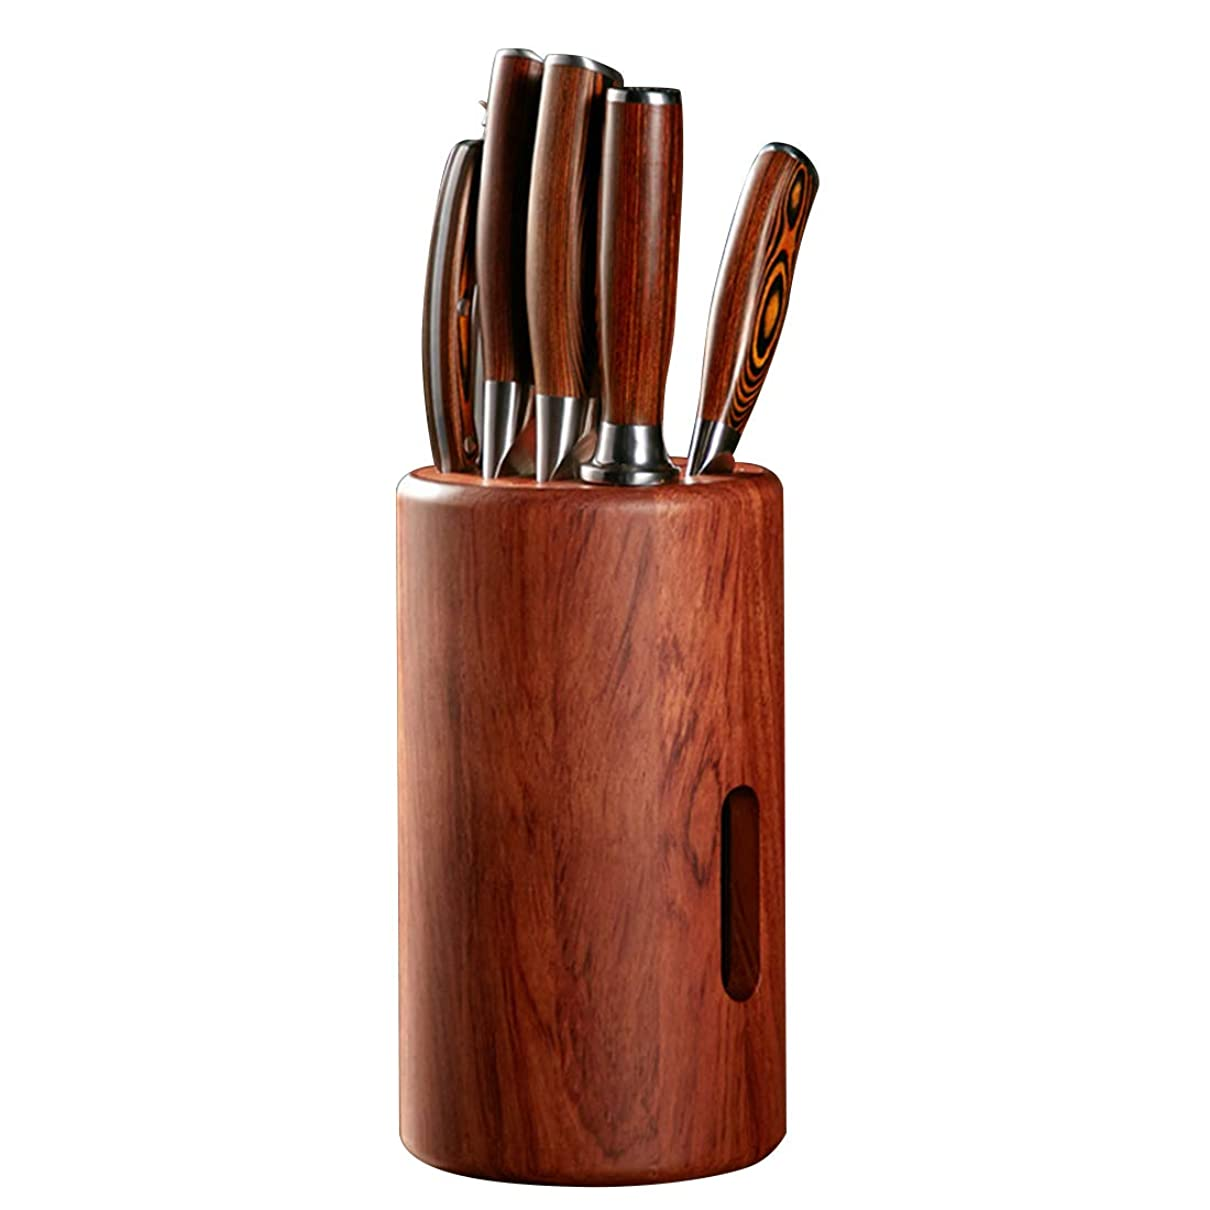 のど劣る雑多な铁锋区志诚机电商店 キッチンナイフ 木製ナイフ 収納 4スロット